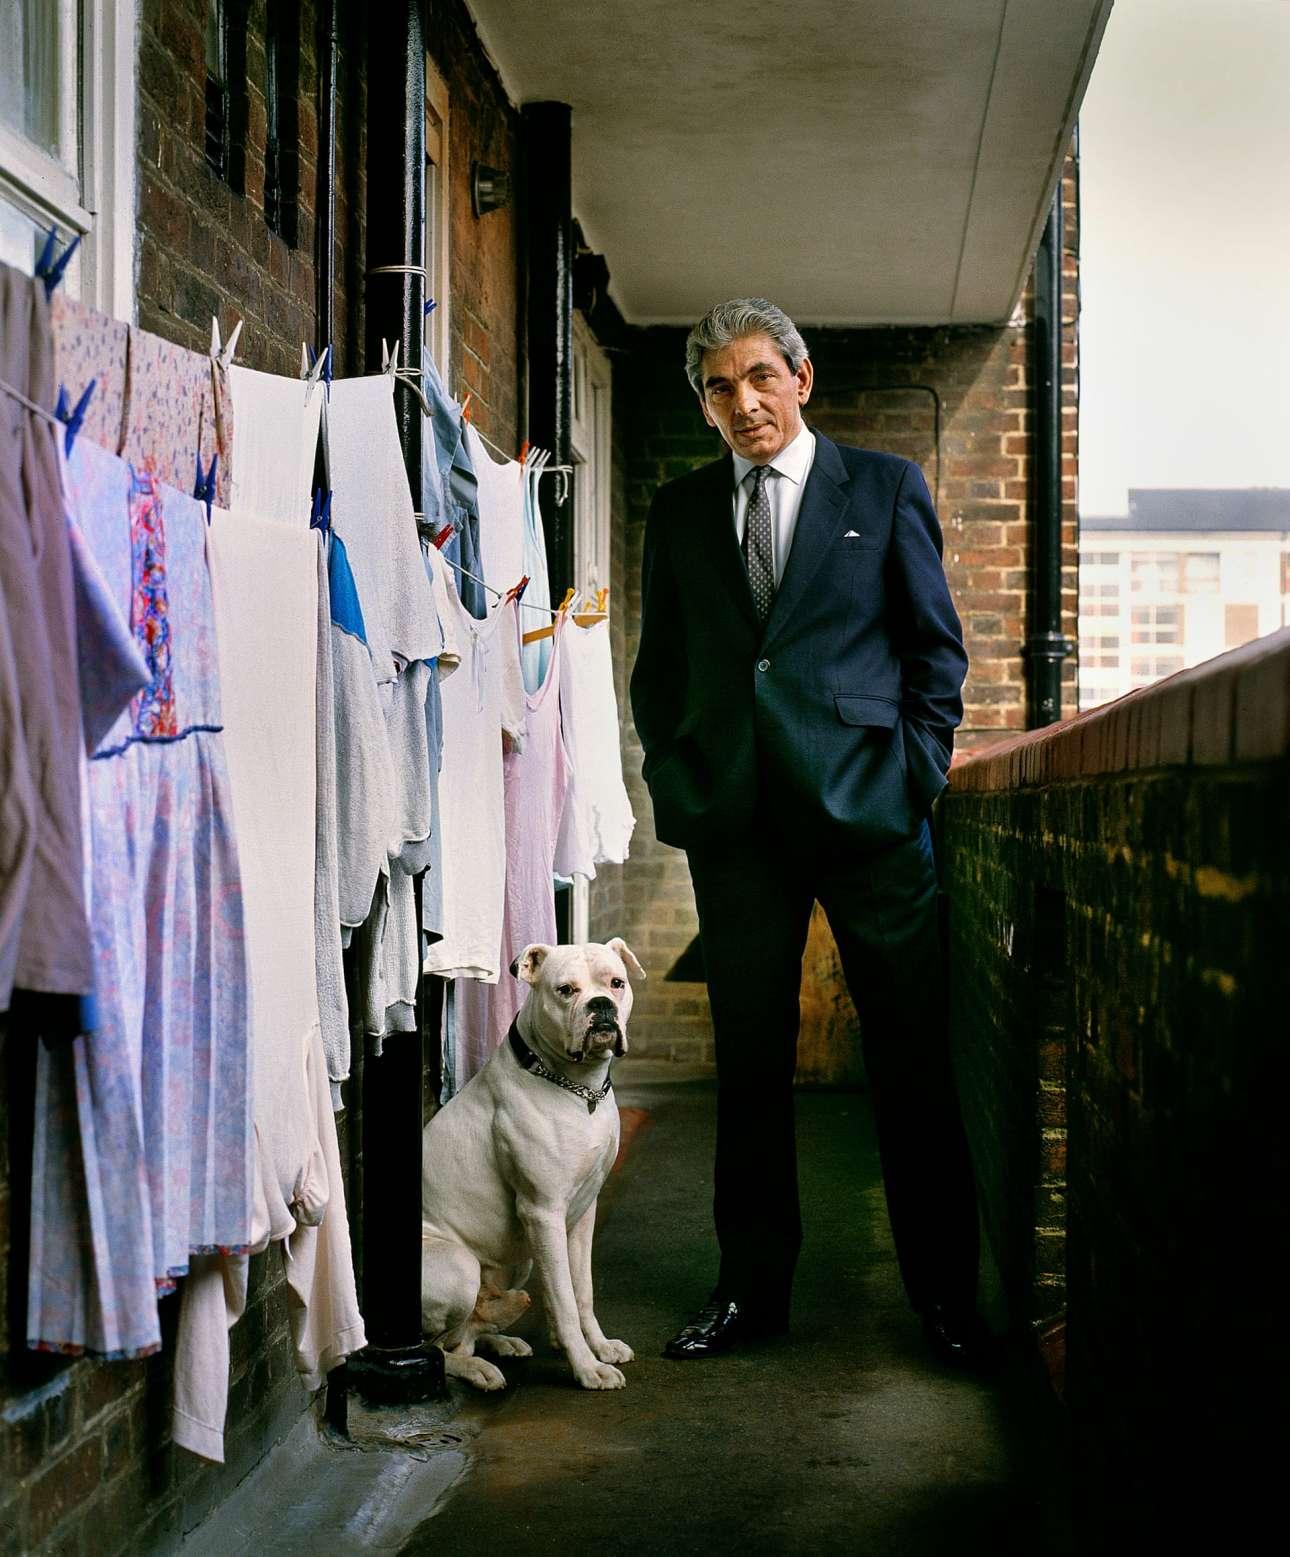 Ο βρετανοκύπριος γκάνγκστερ Τόνι Λαμπριανού, εκτελεστής για τους διαβόητους εγκληματίες δίδυμους Κρέι, ποζάρει με τον σκύλο του έξω από το διαμέρισμα της μητέρας του στο Λονδίνο, το 1983. Ζούσε εκεί έπειτα από την αποφυλάκιση του, έχοντας εκτίσει 15 έτη